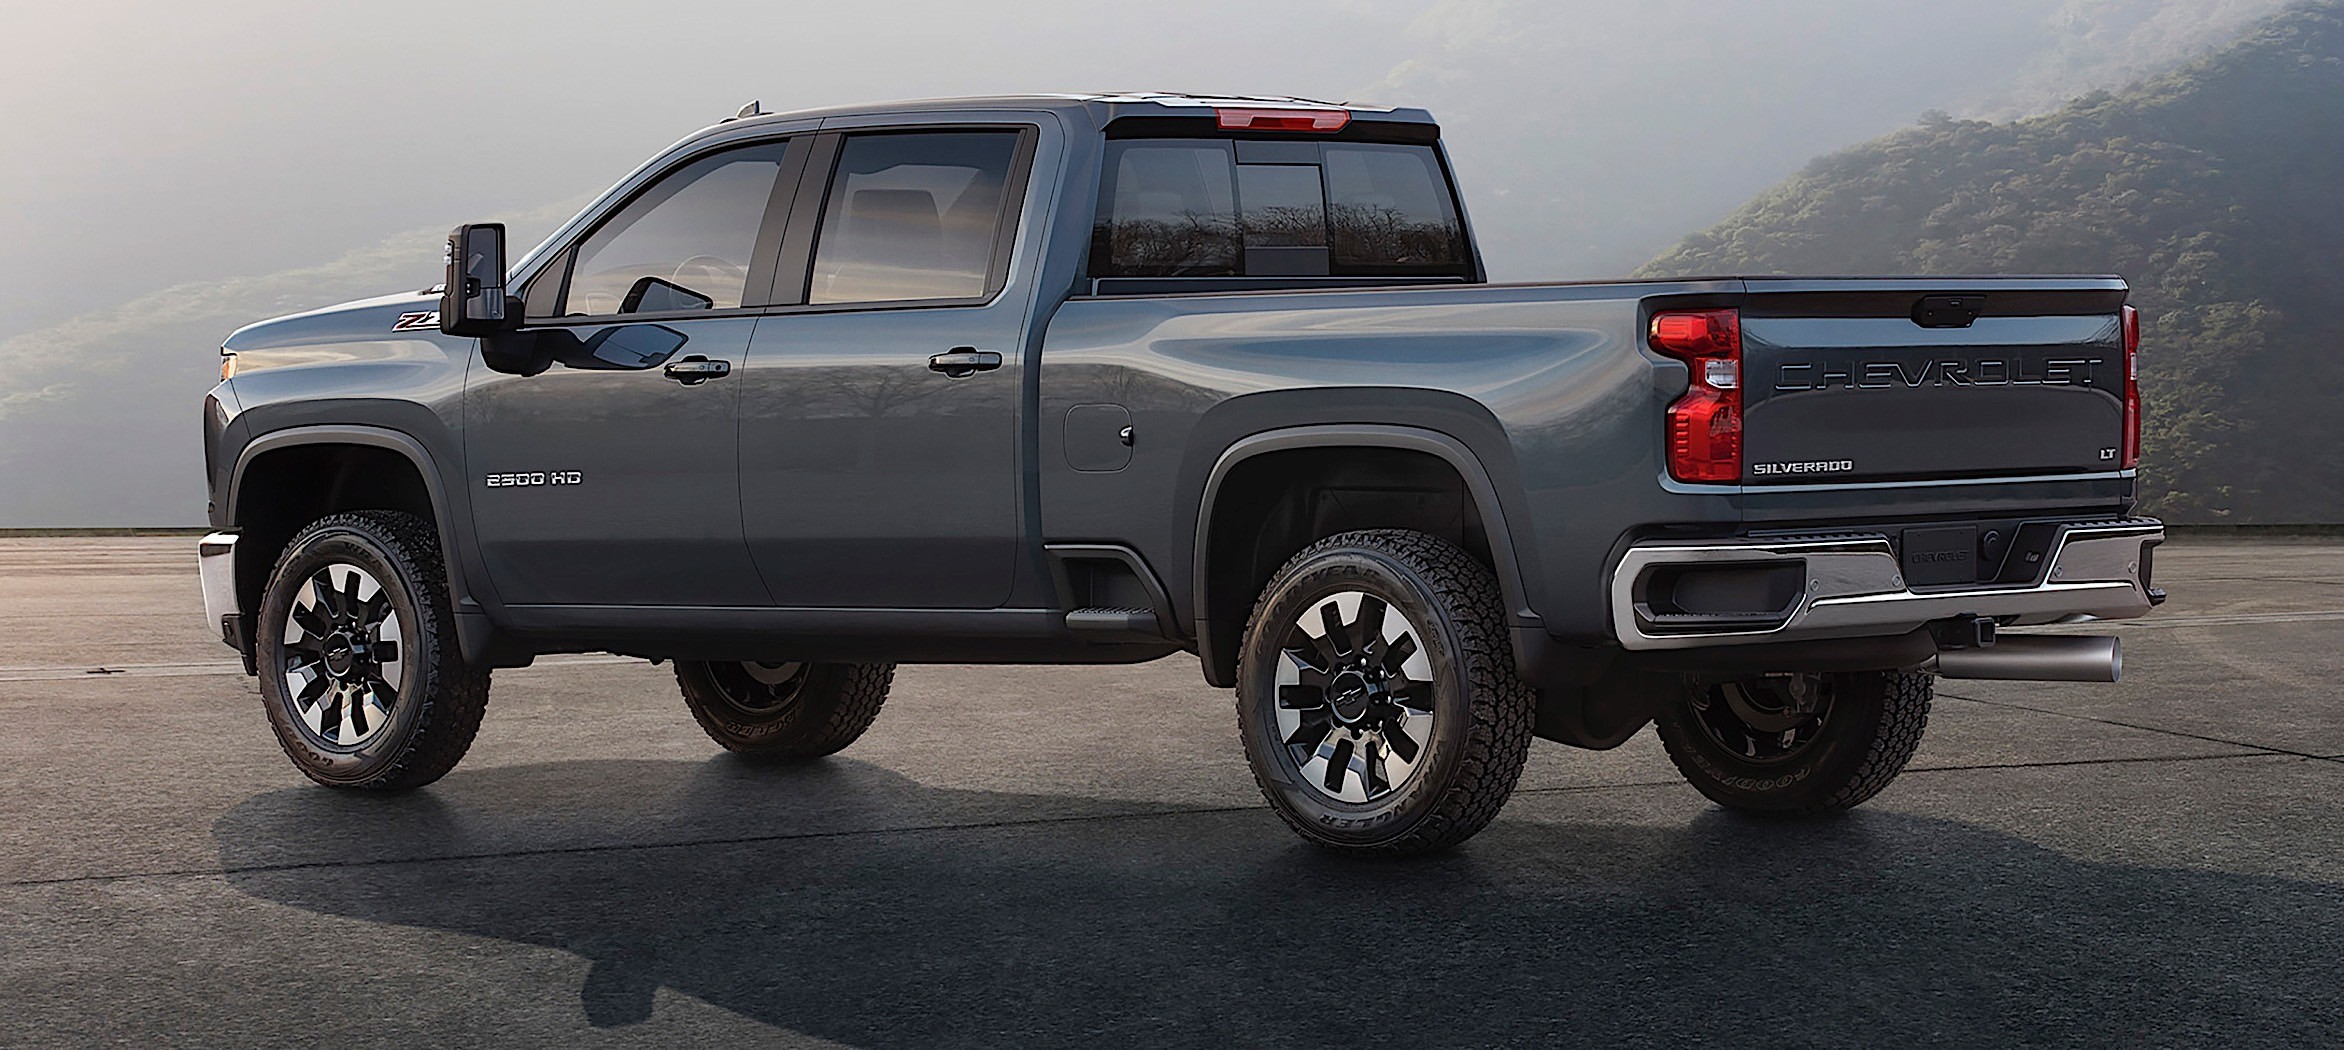 Chevrolet Silverado HD 2019 (2)